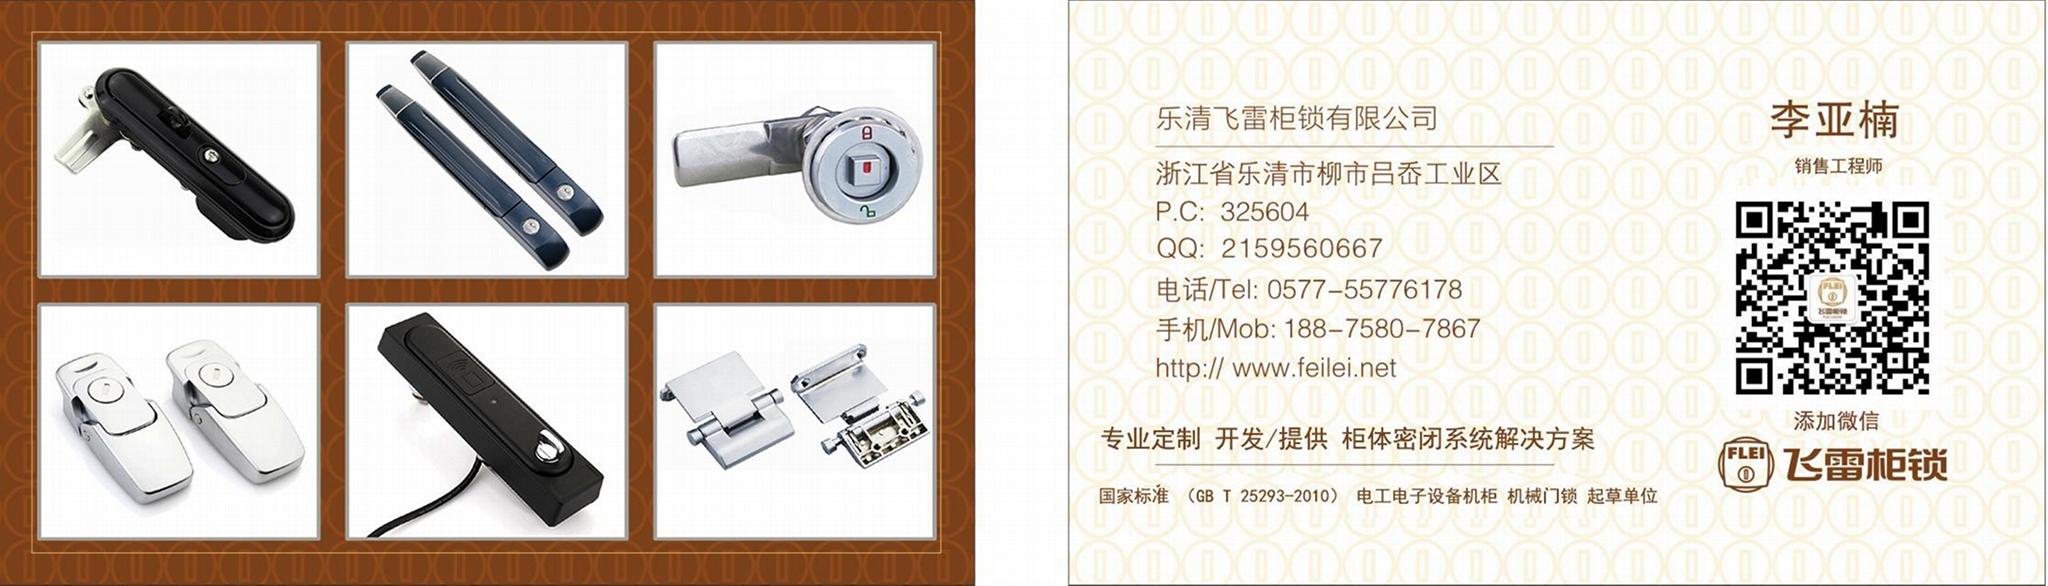 高壓電氣櫃鉸鏈 5